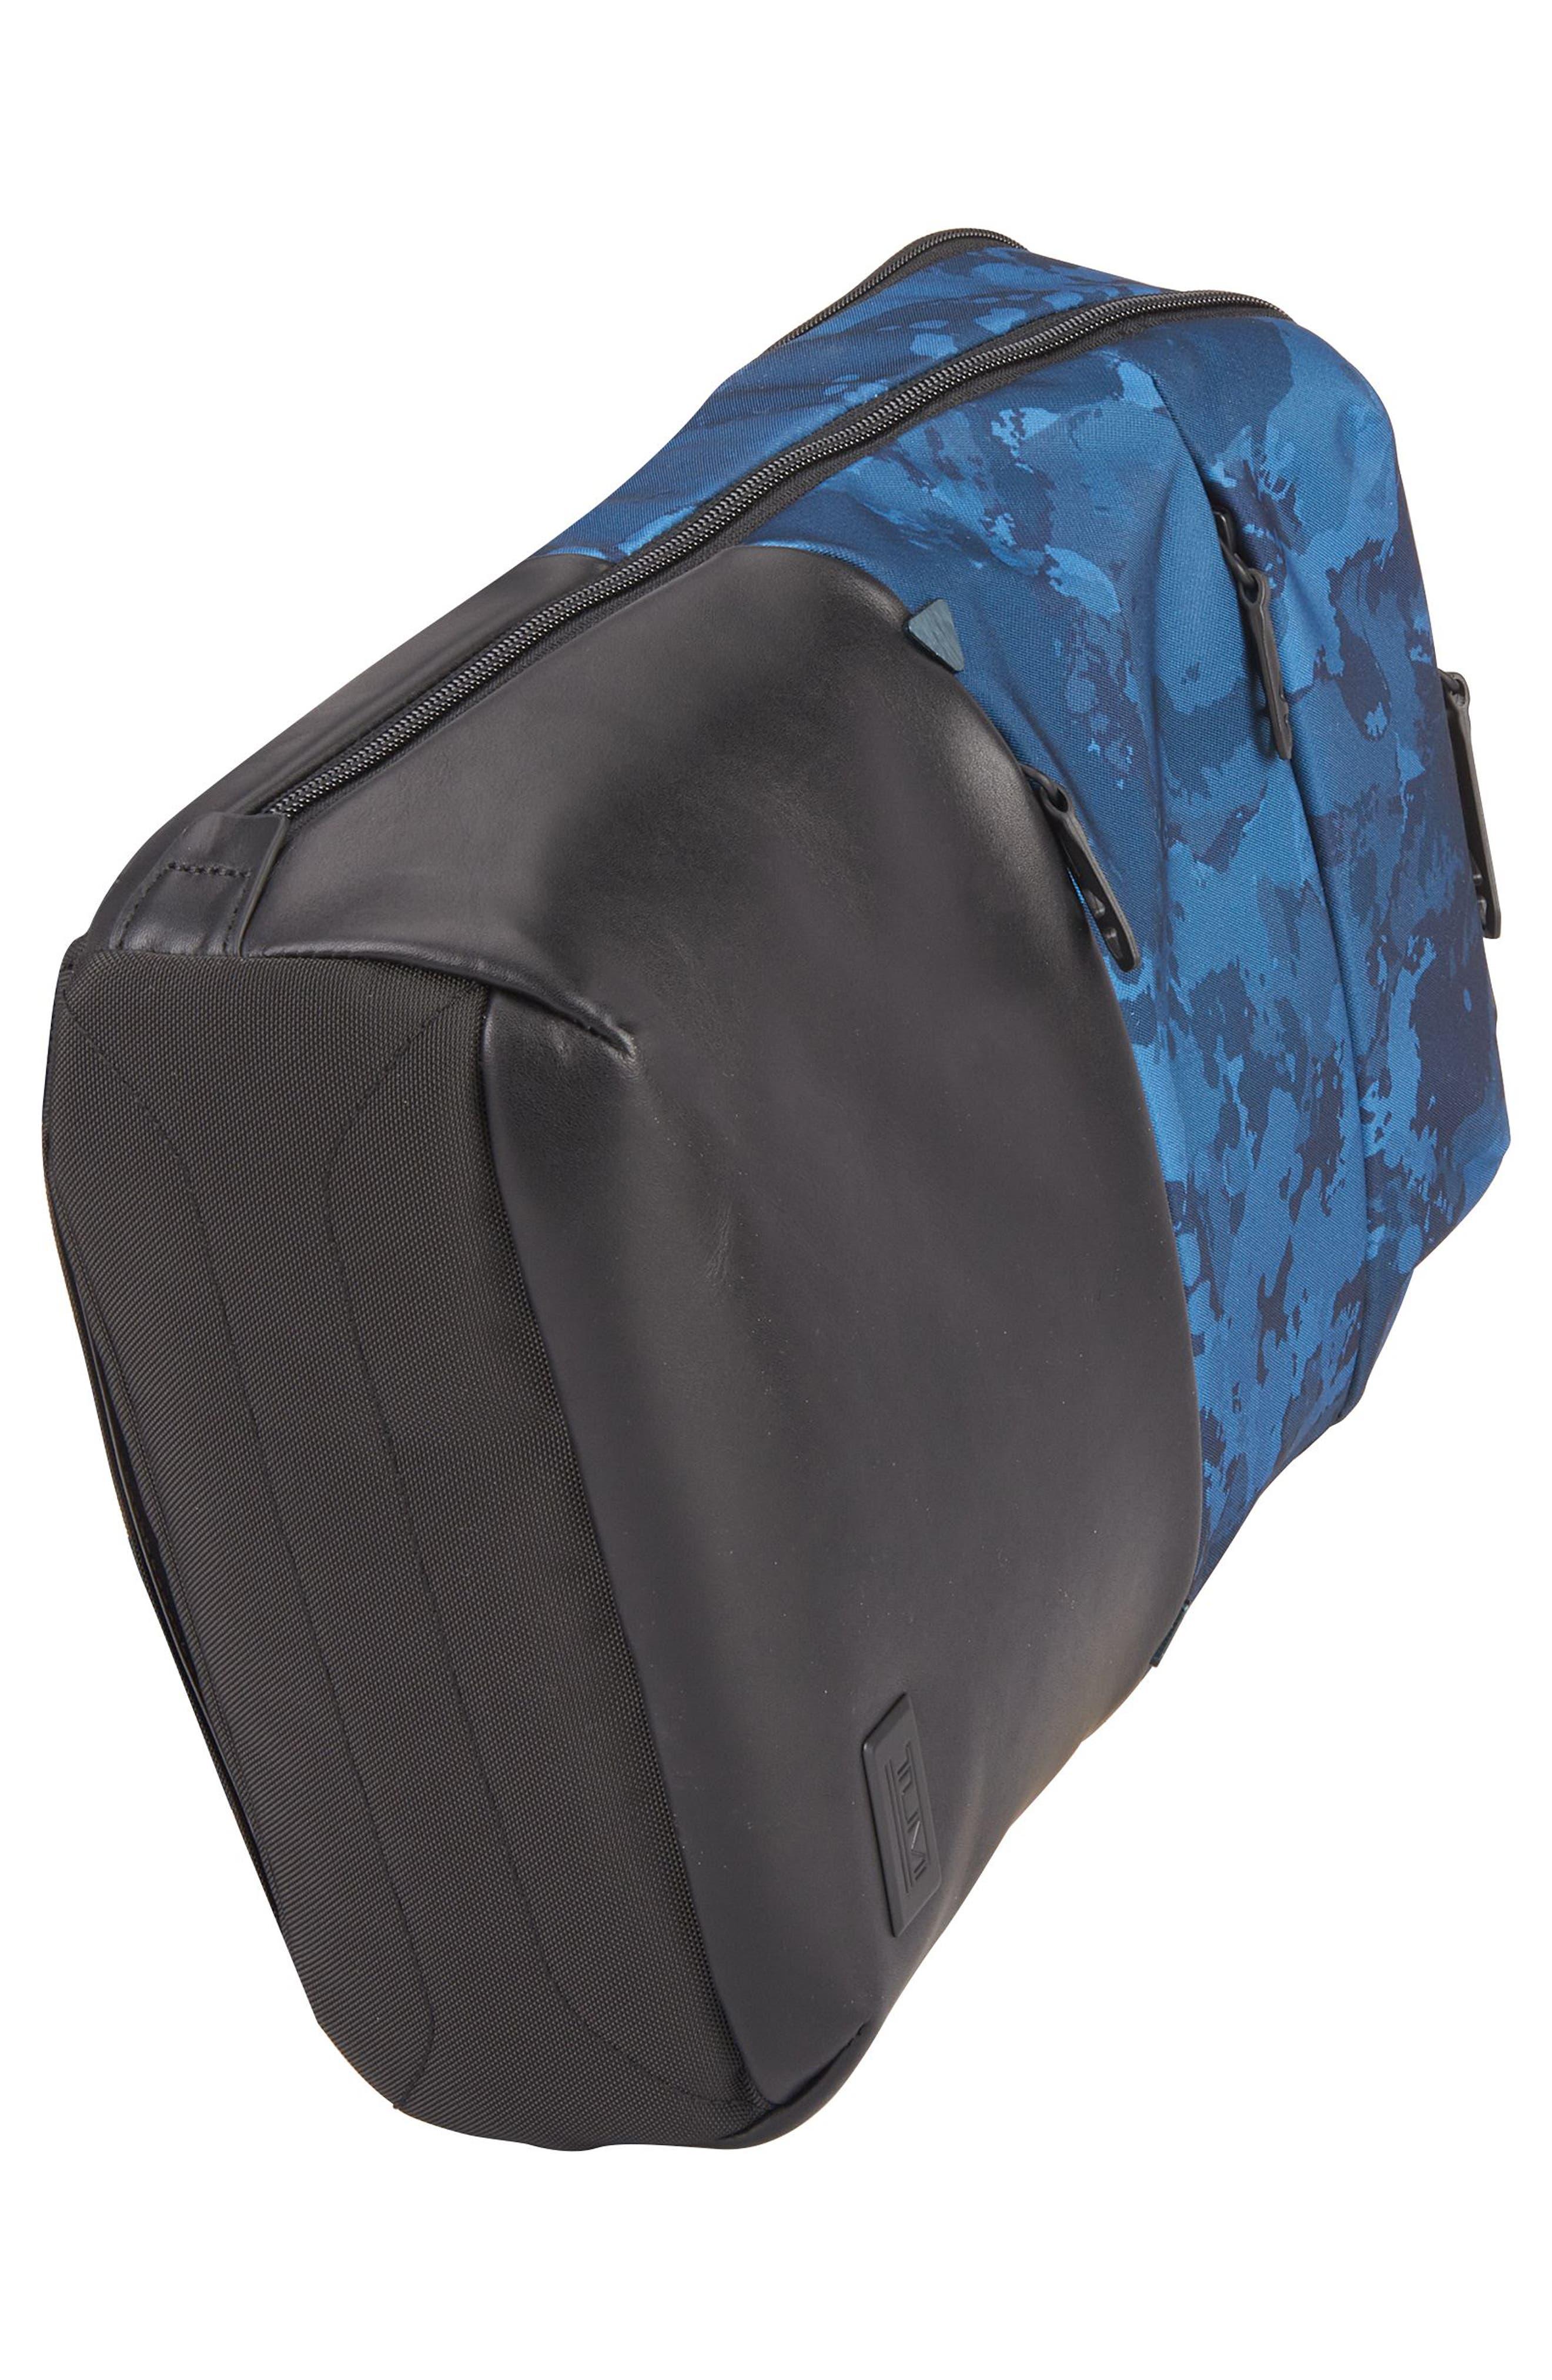 Tahoe - Elwood Backpack,                             Alternate thumbnail 5, color,                             Deep Ocean Print